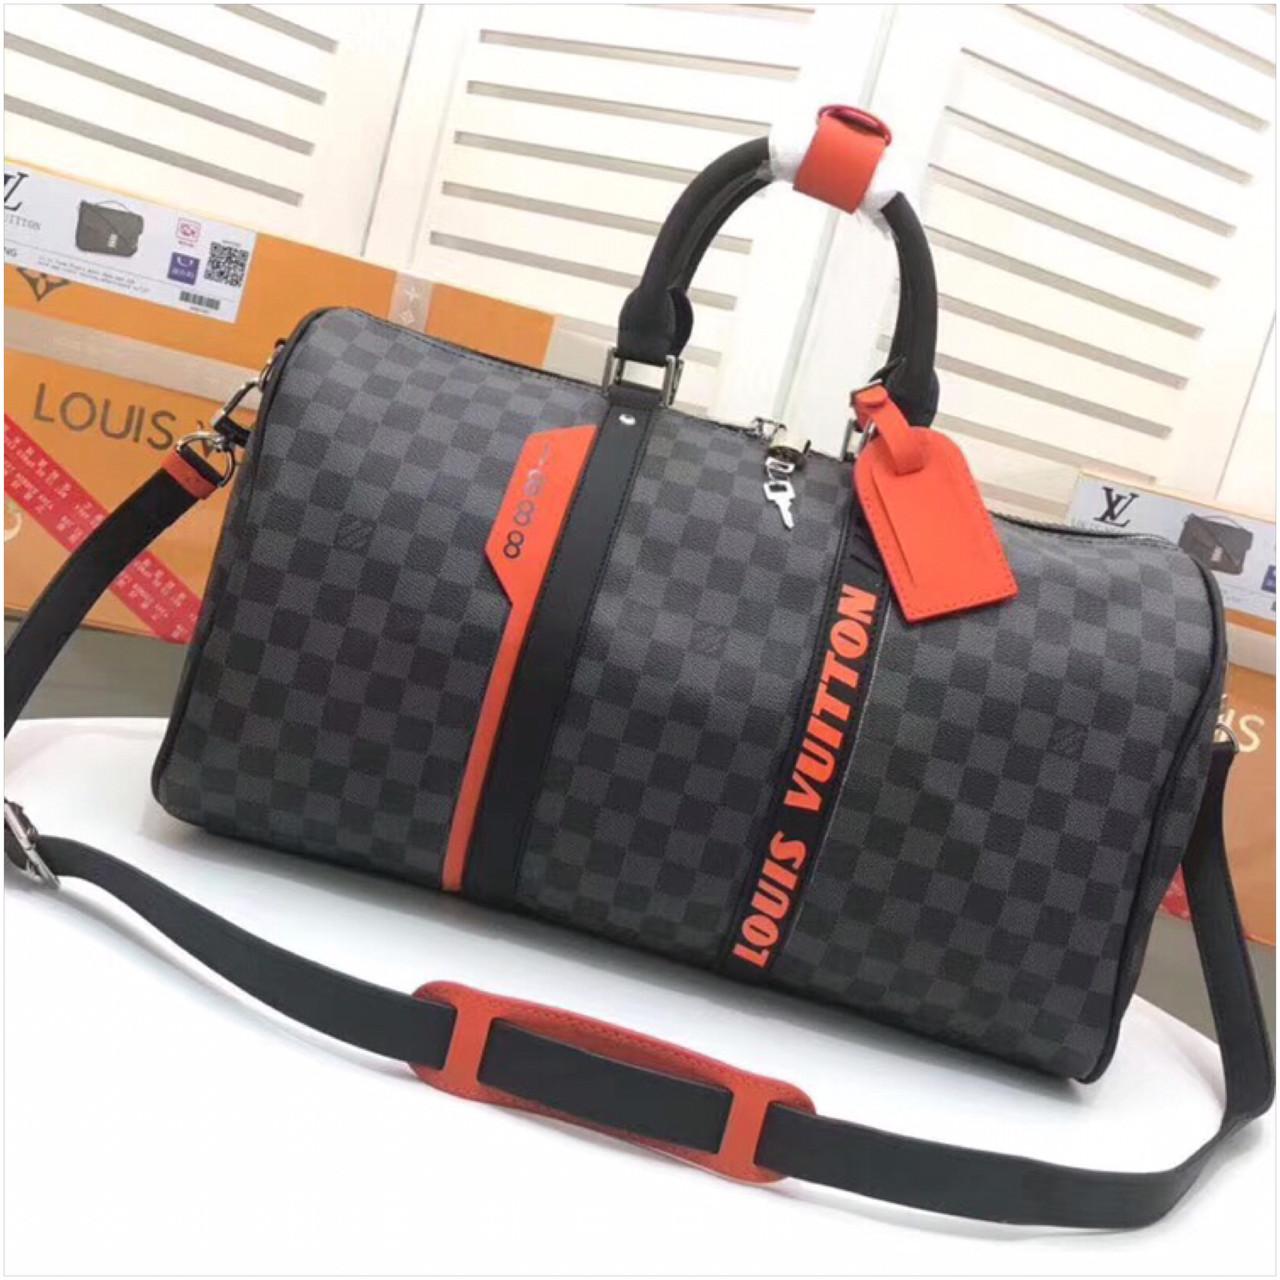 Дорожная сумка Луи Витон, канва Damier Cobalt 45 см, кожаная реплика